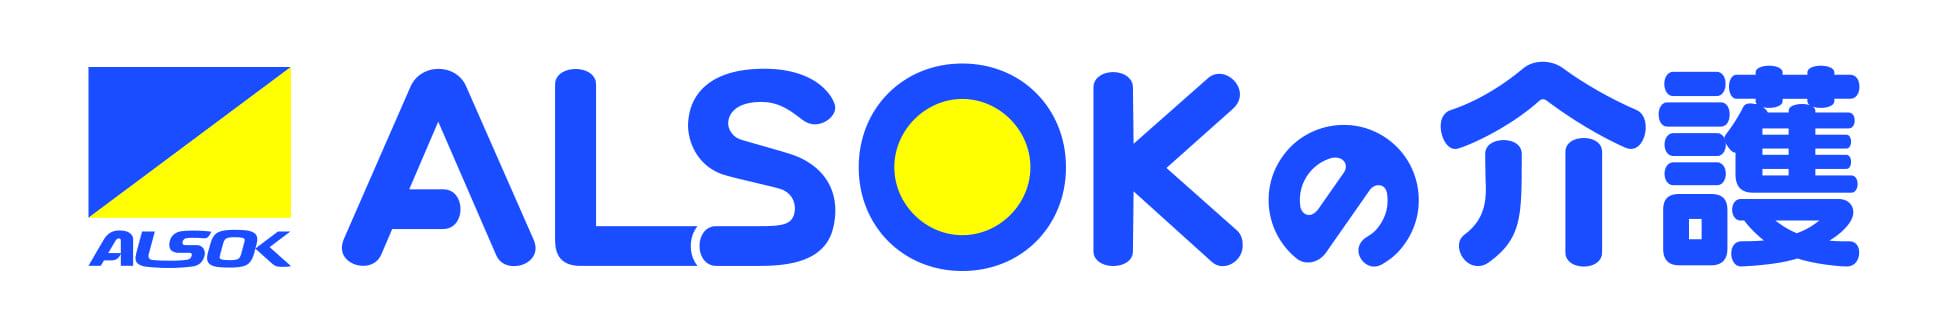 『ALSOKの介護』 ブランドロゴ